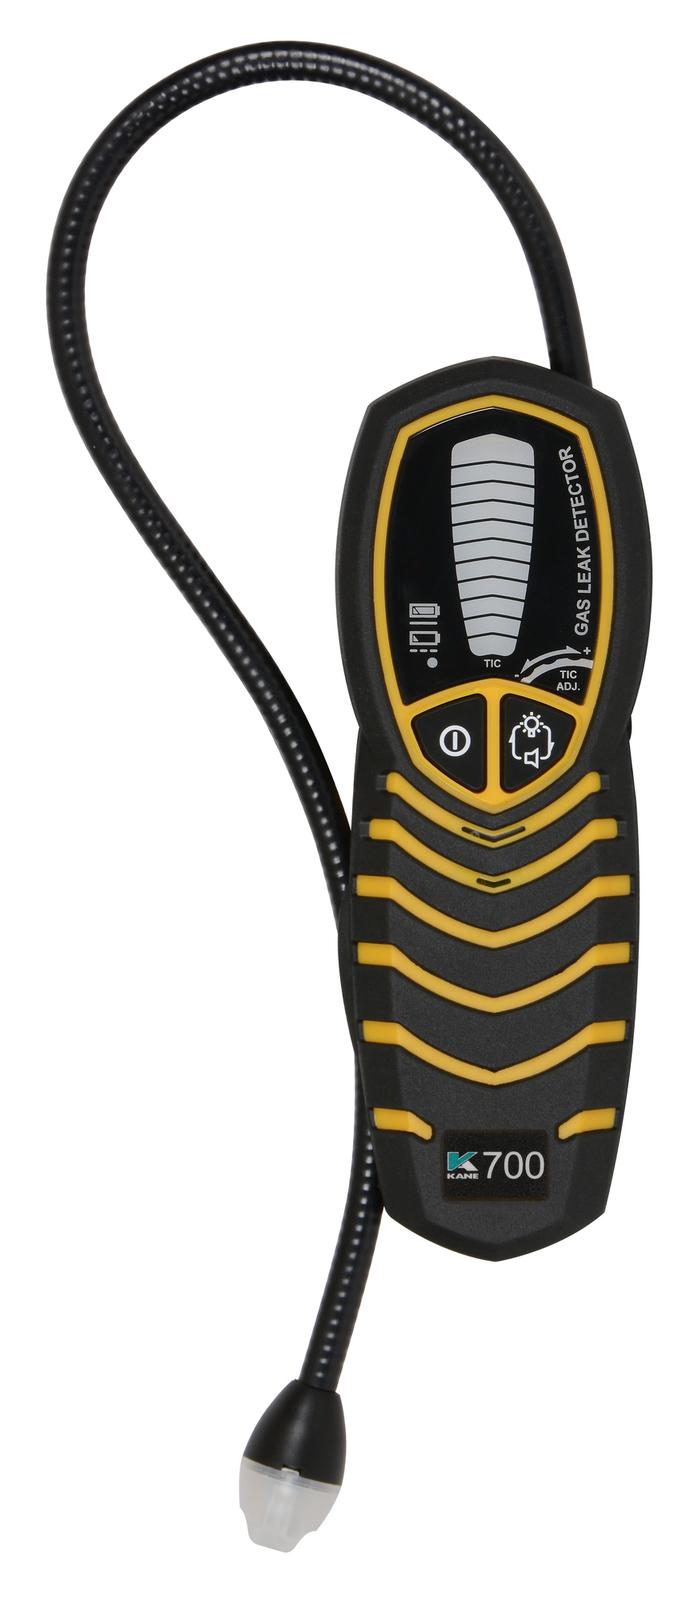 KANE700 Gas Leak Detector | Kane